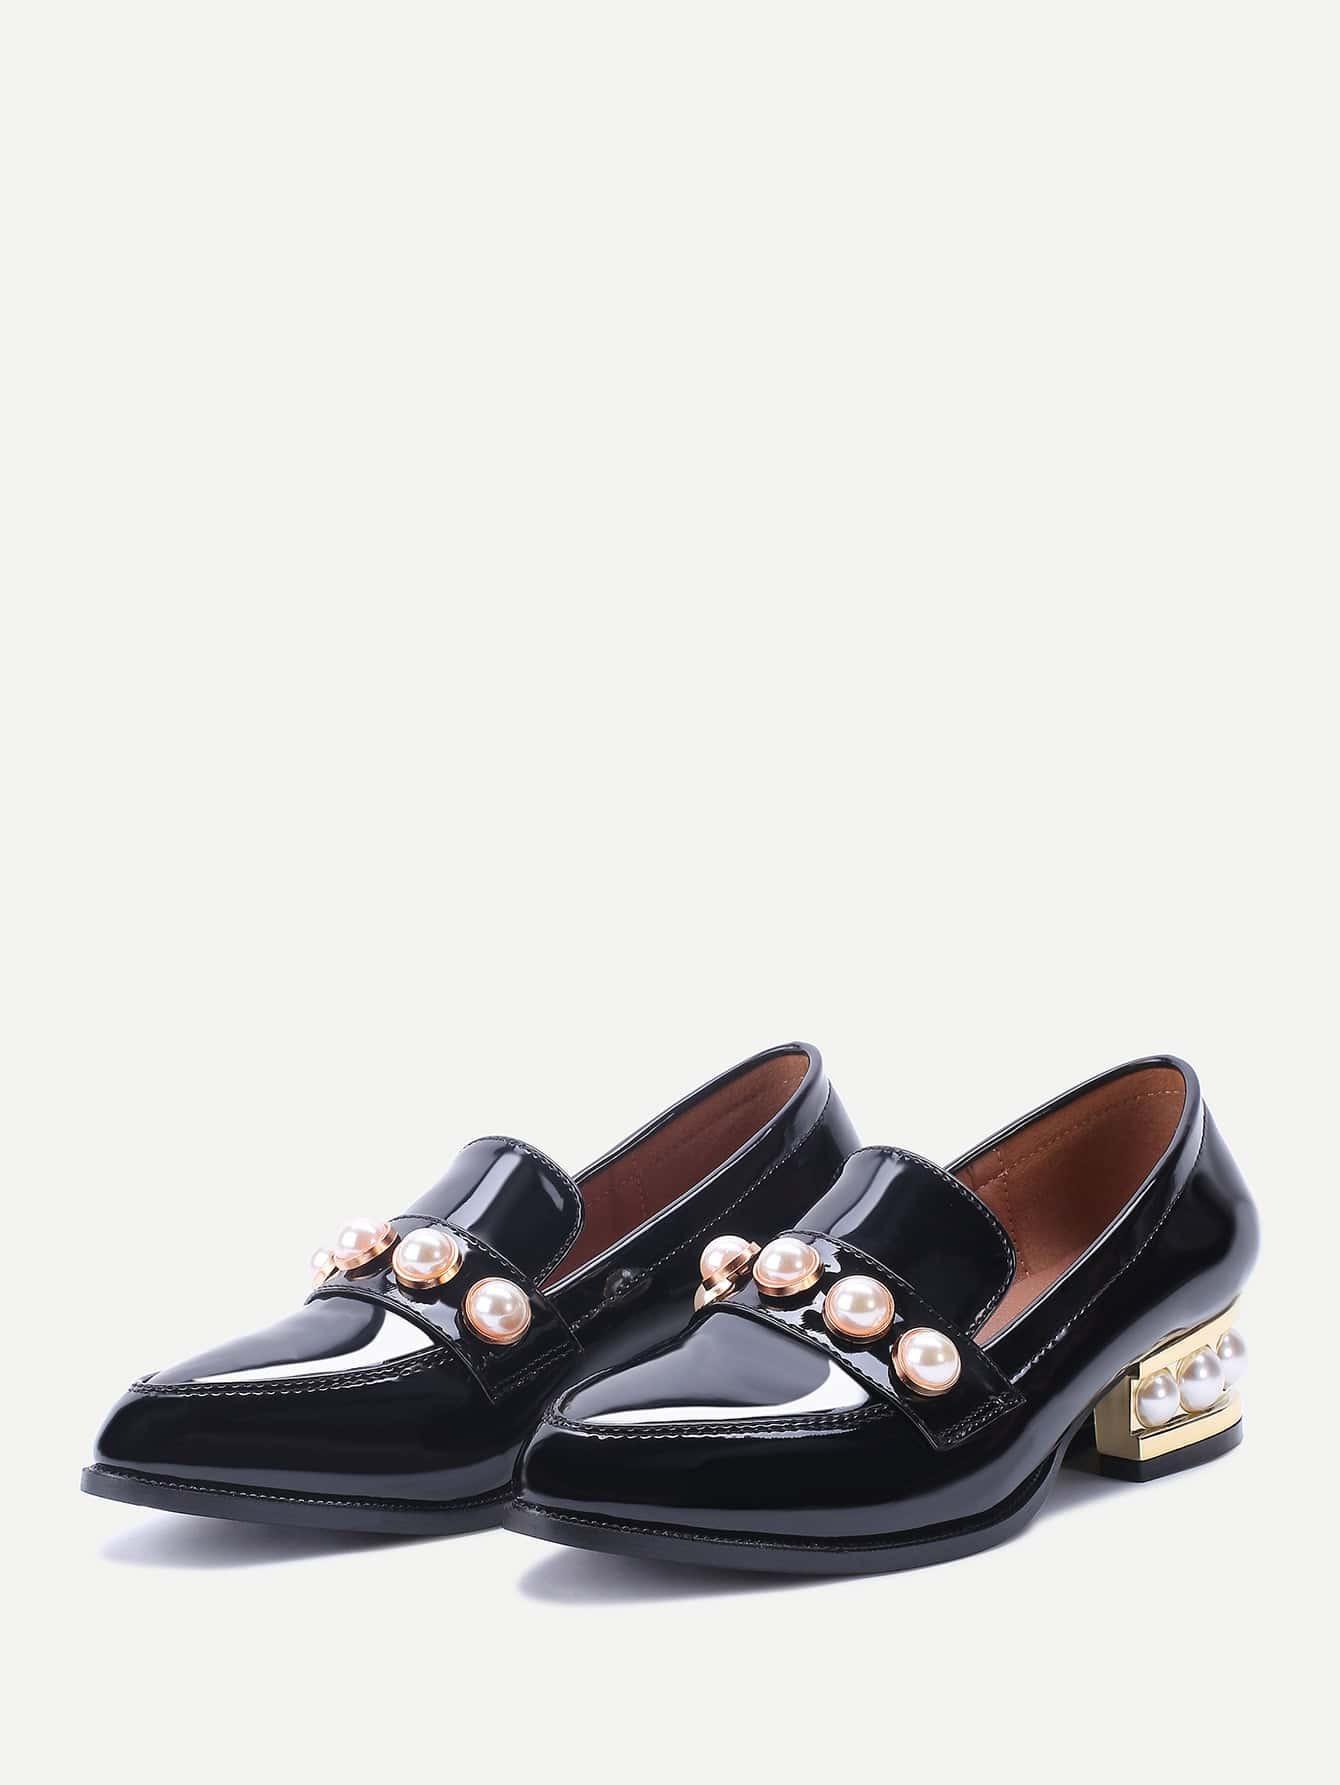 shoes170221802_2